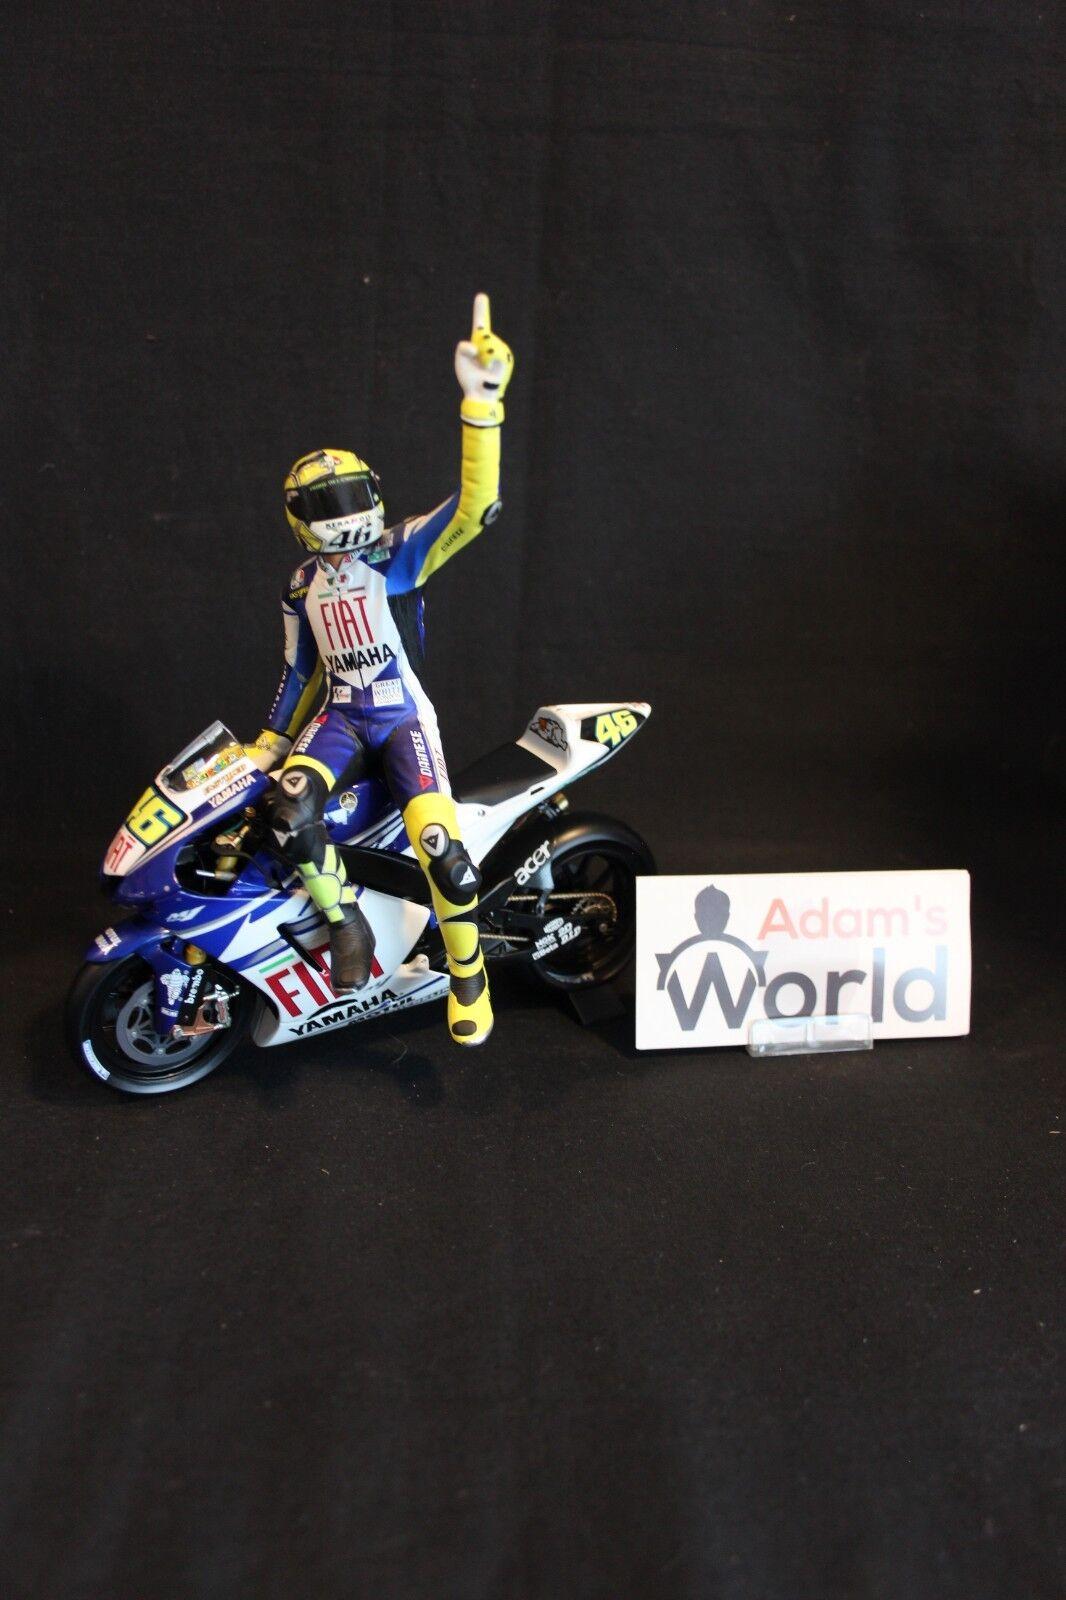 Minichamps figurine Valentino Rossi (ITA) 1 12  2007 (MM1)